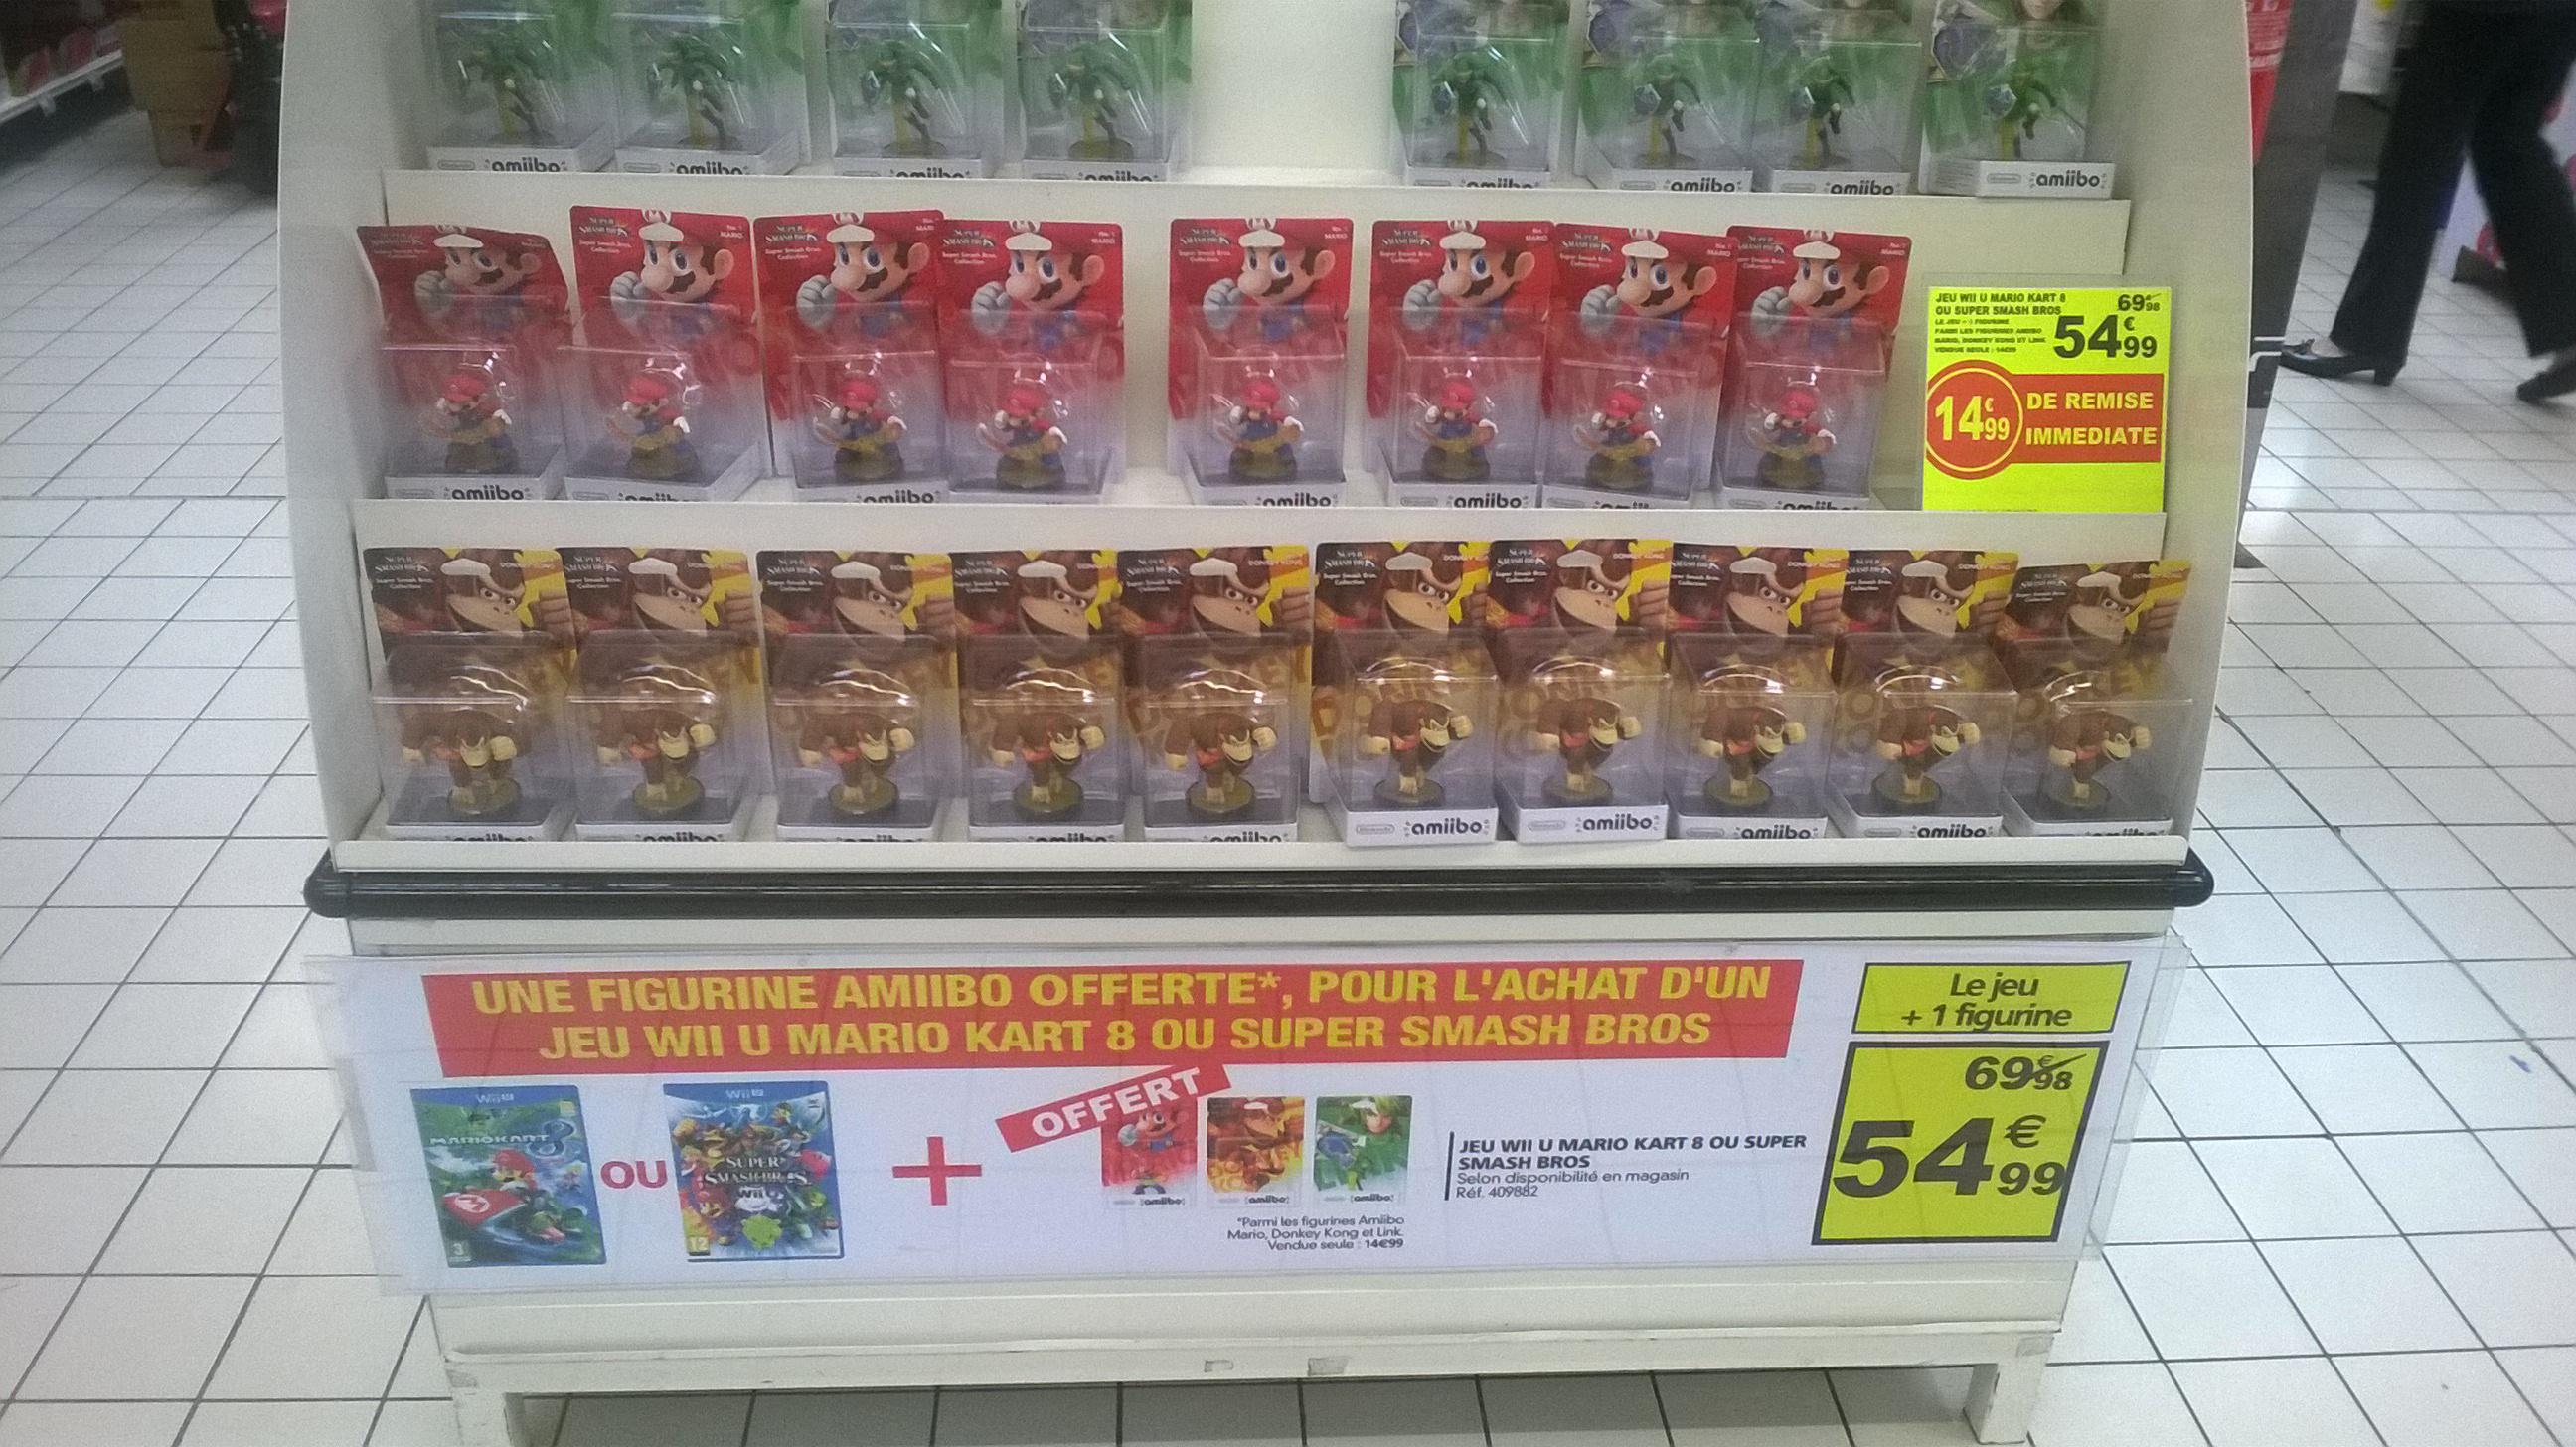 Une figurine Amiibo offerte pour l'achat d'un jeu Wii U Mario Kart 8 ou Super Smash Bros